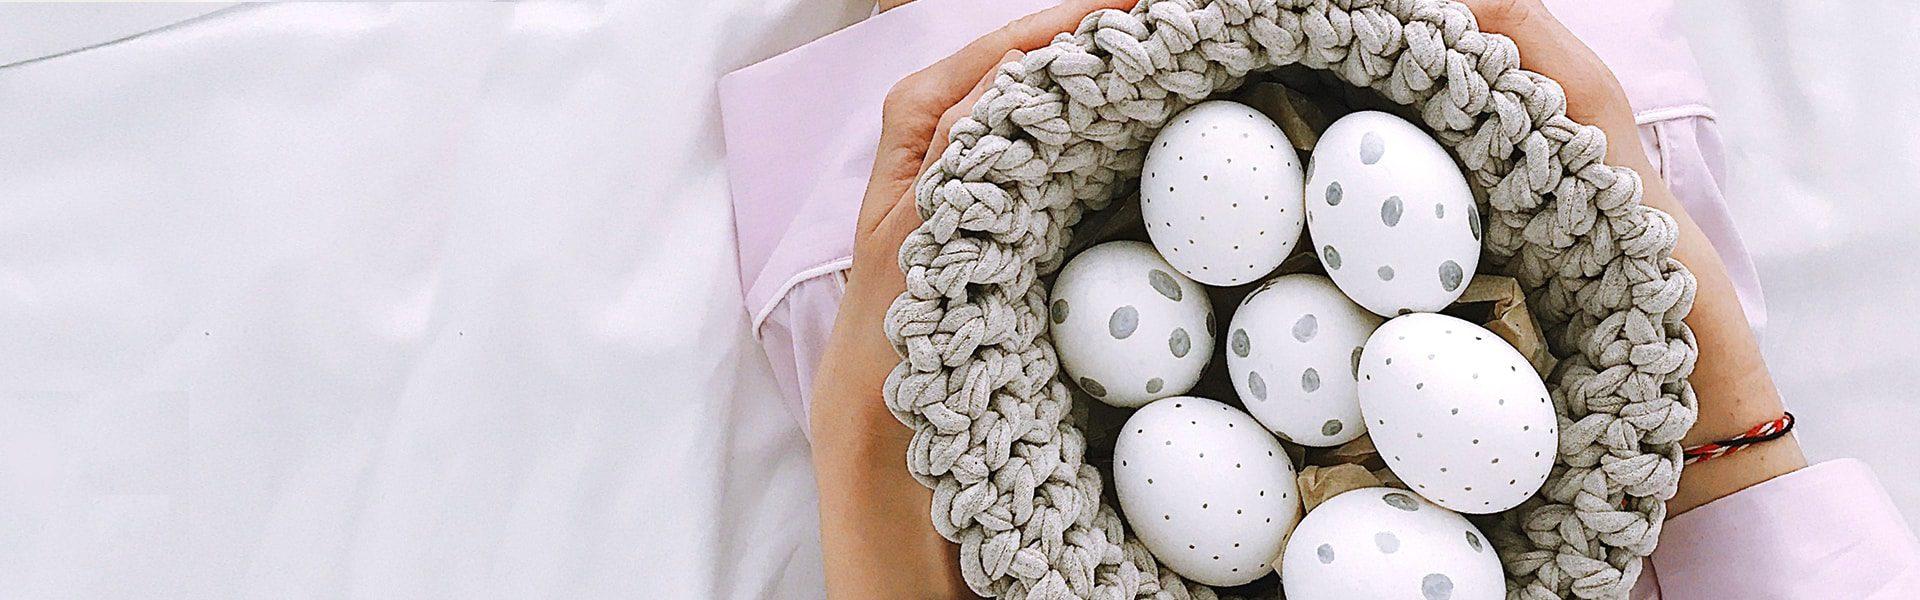 clinica de fertilidad